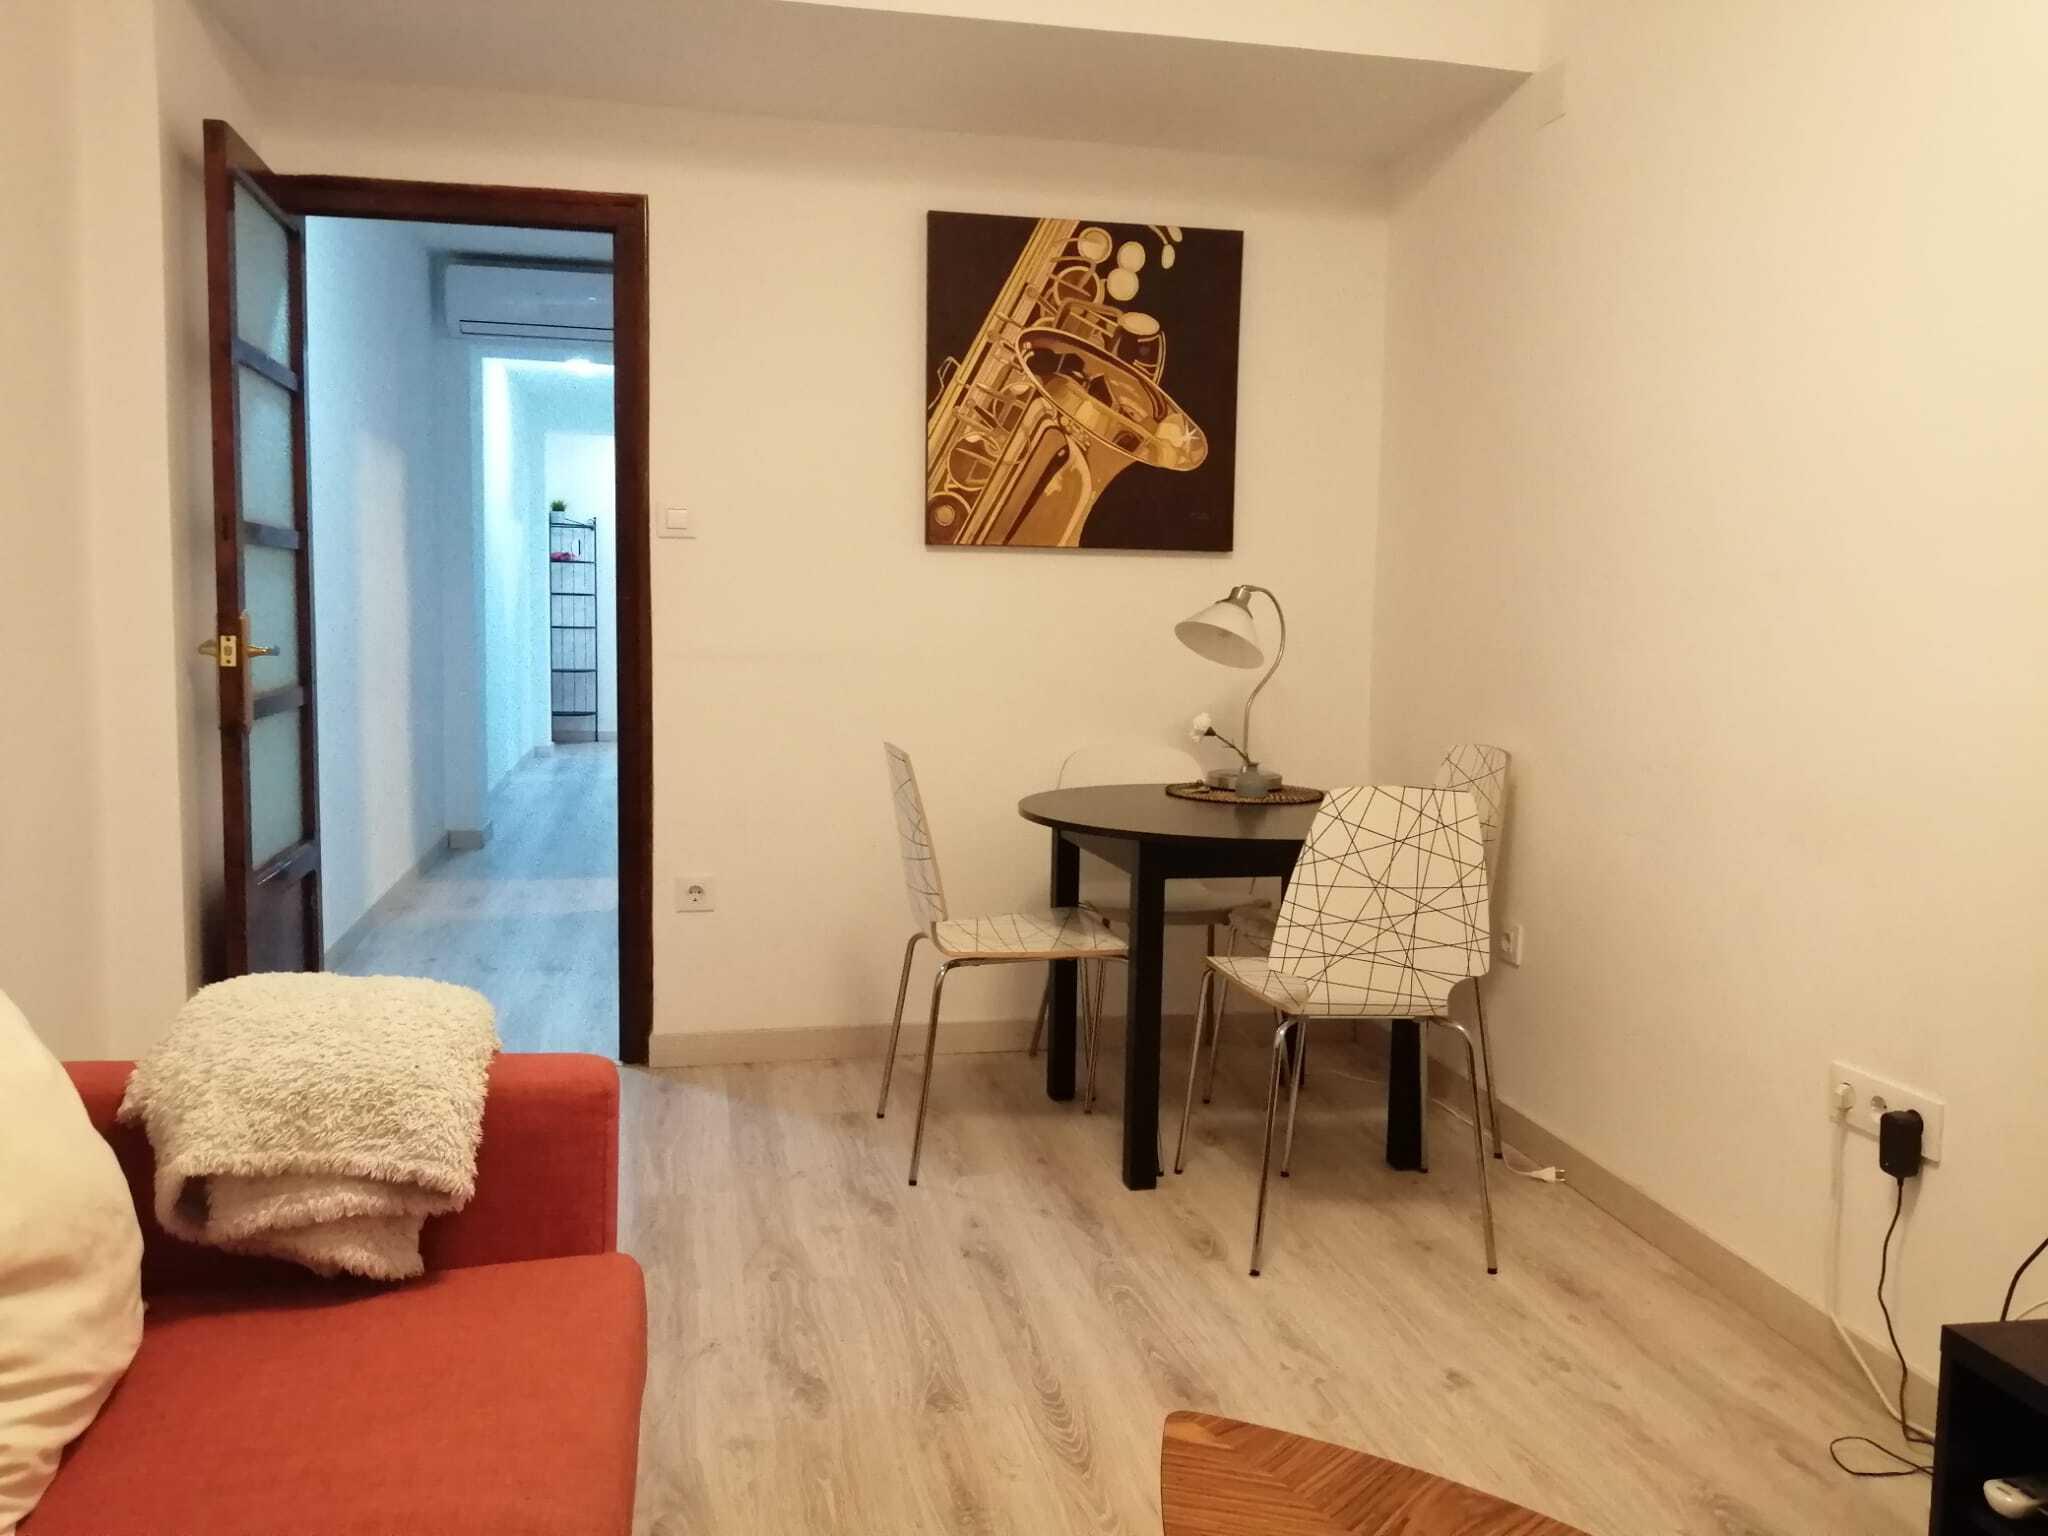 Vallidigna - Expat apartment in Valencia old city centre